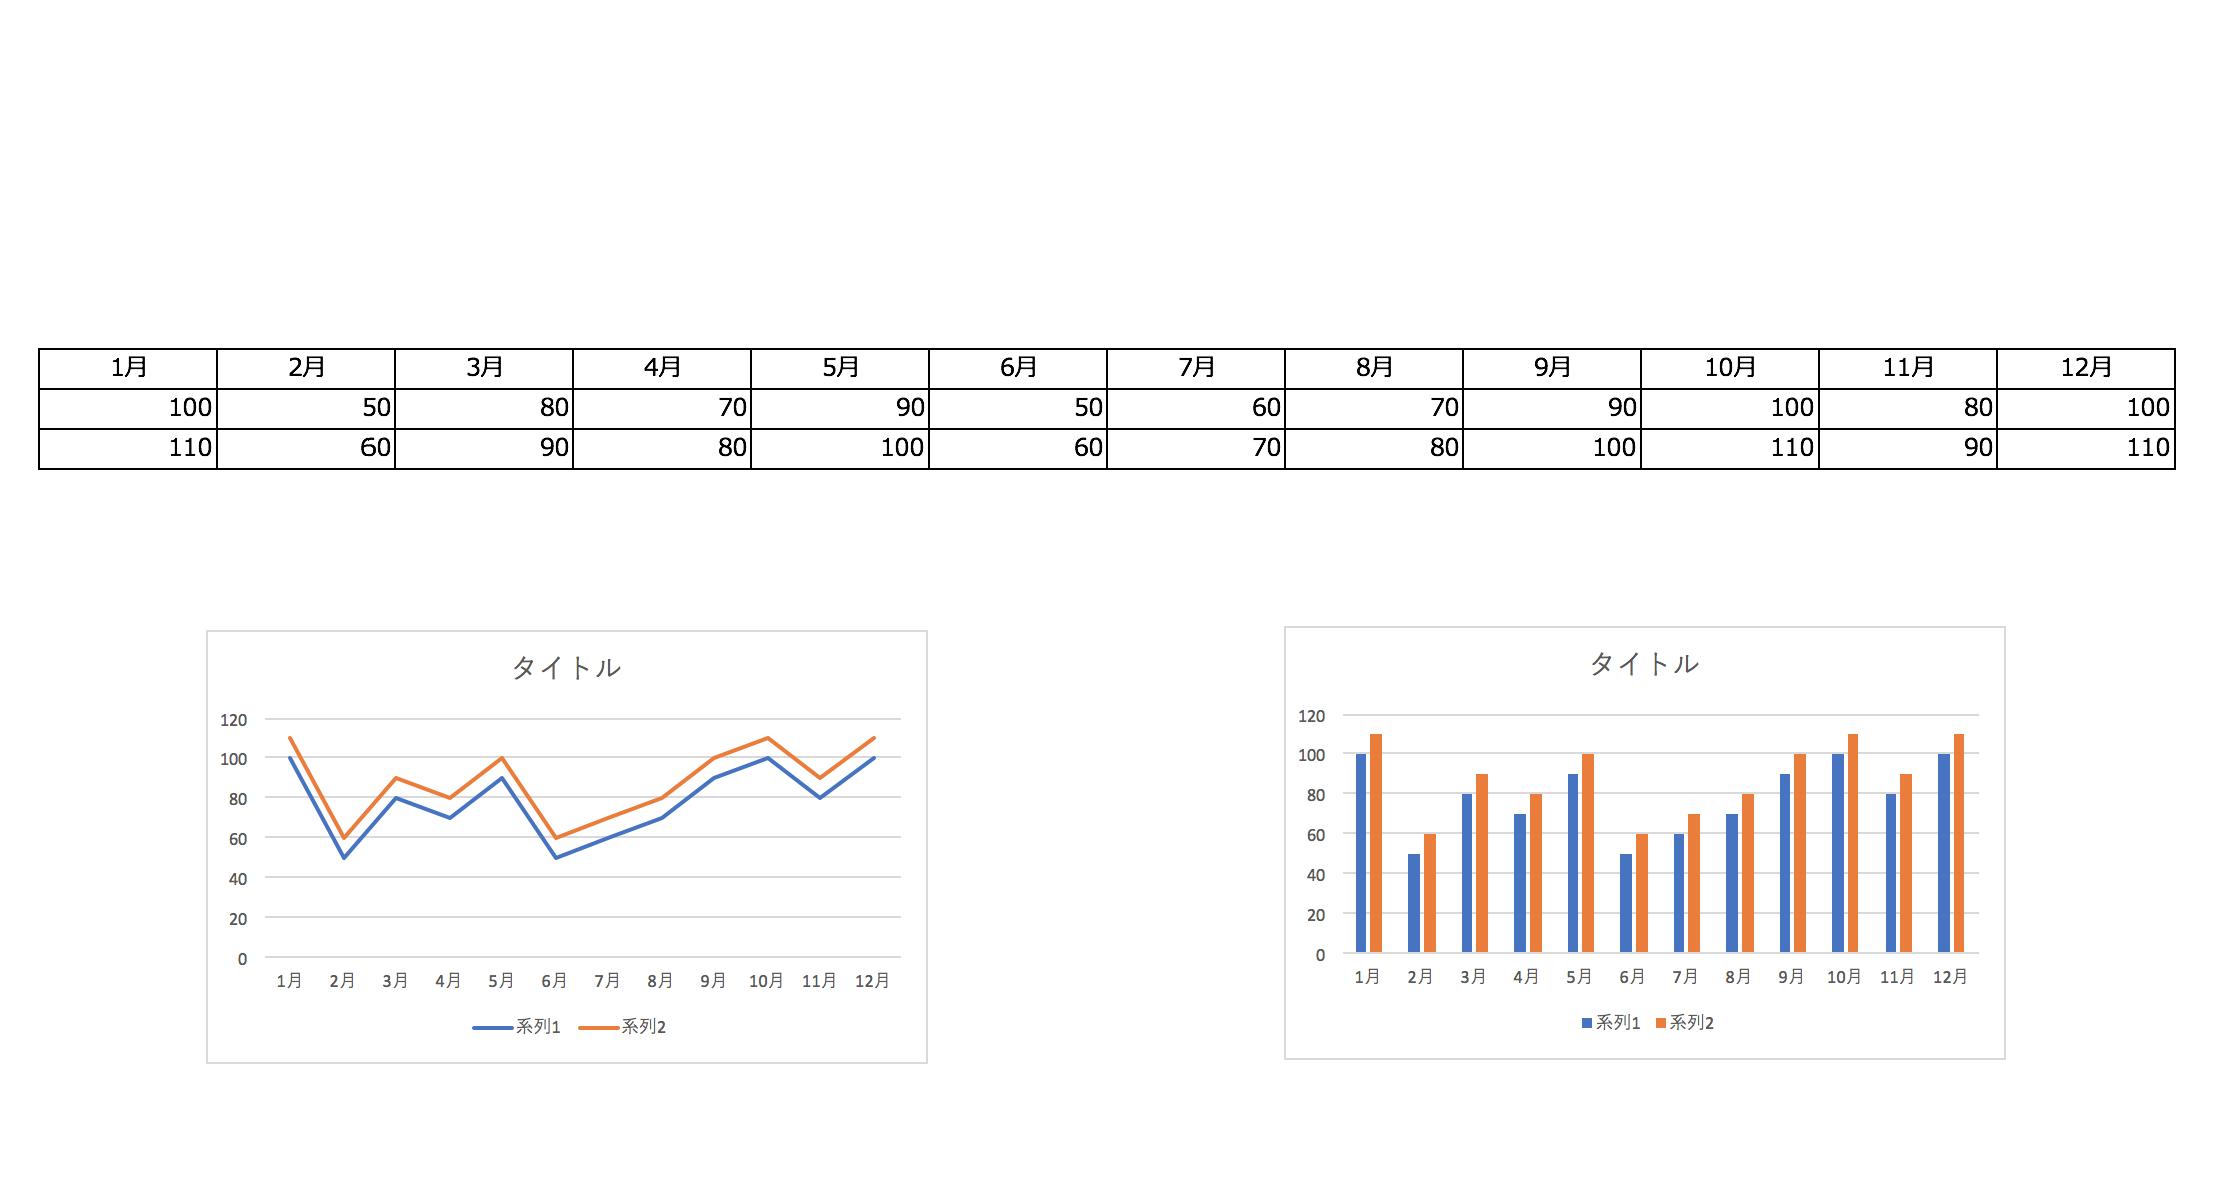 比較と変化:棒グラフと折れ線グラフの違い